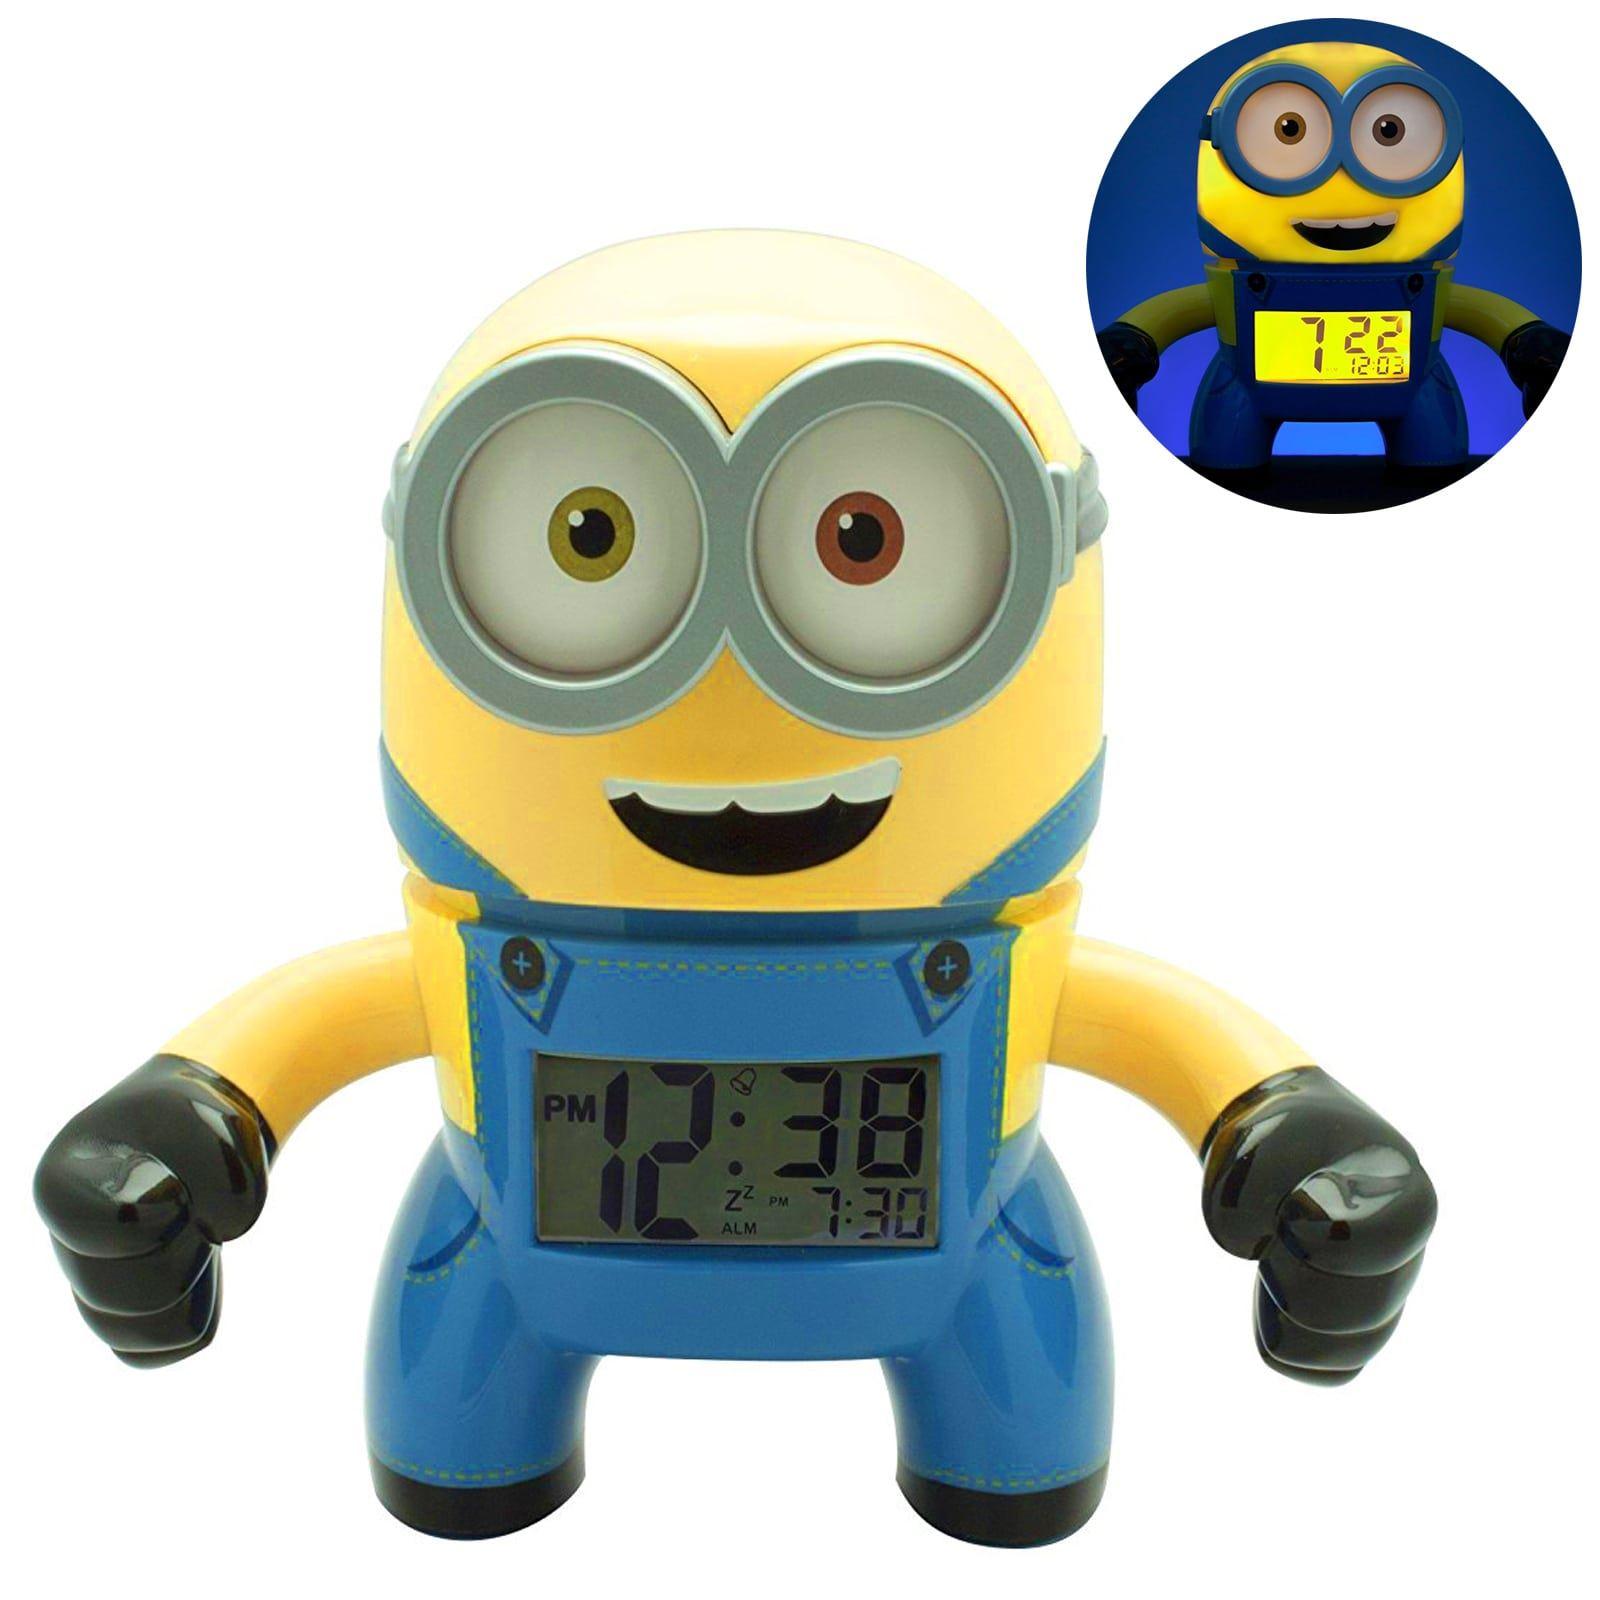 BulbBotz Minions Alarm Clock Kids Night Light Digital Time Display Bob Stuart